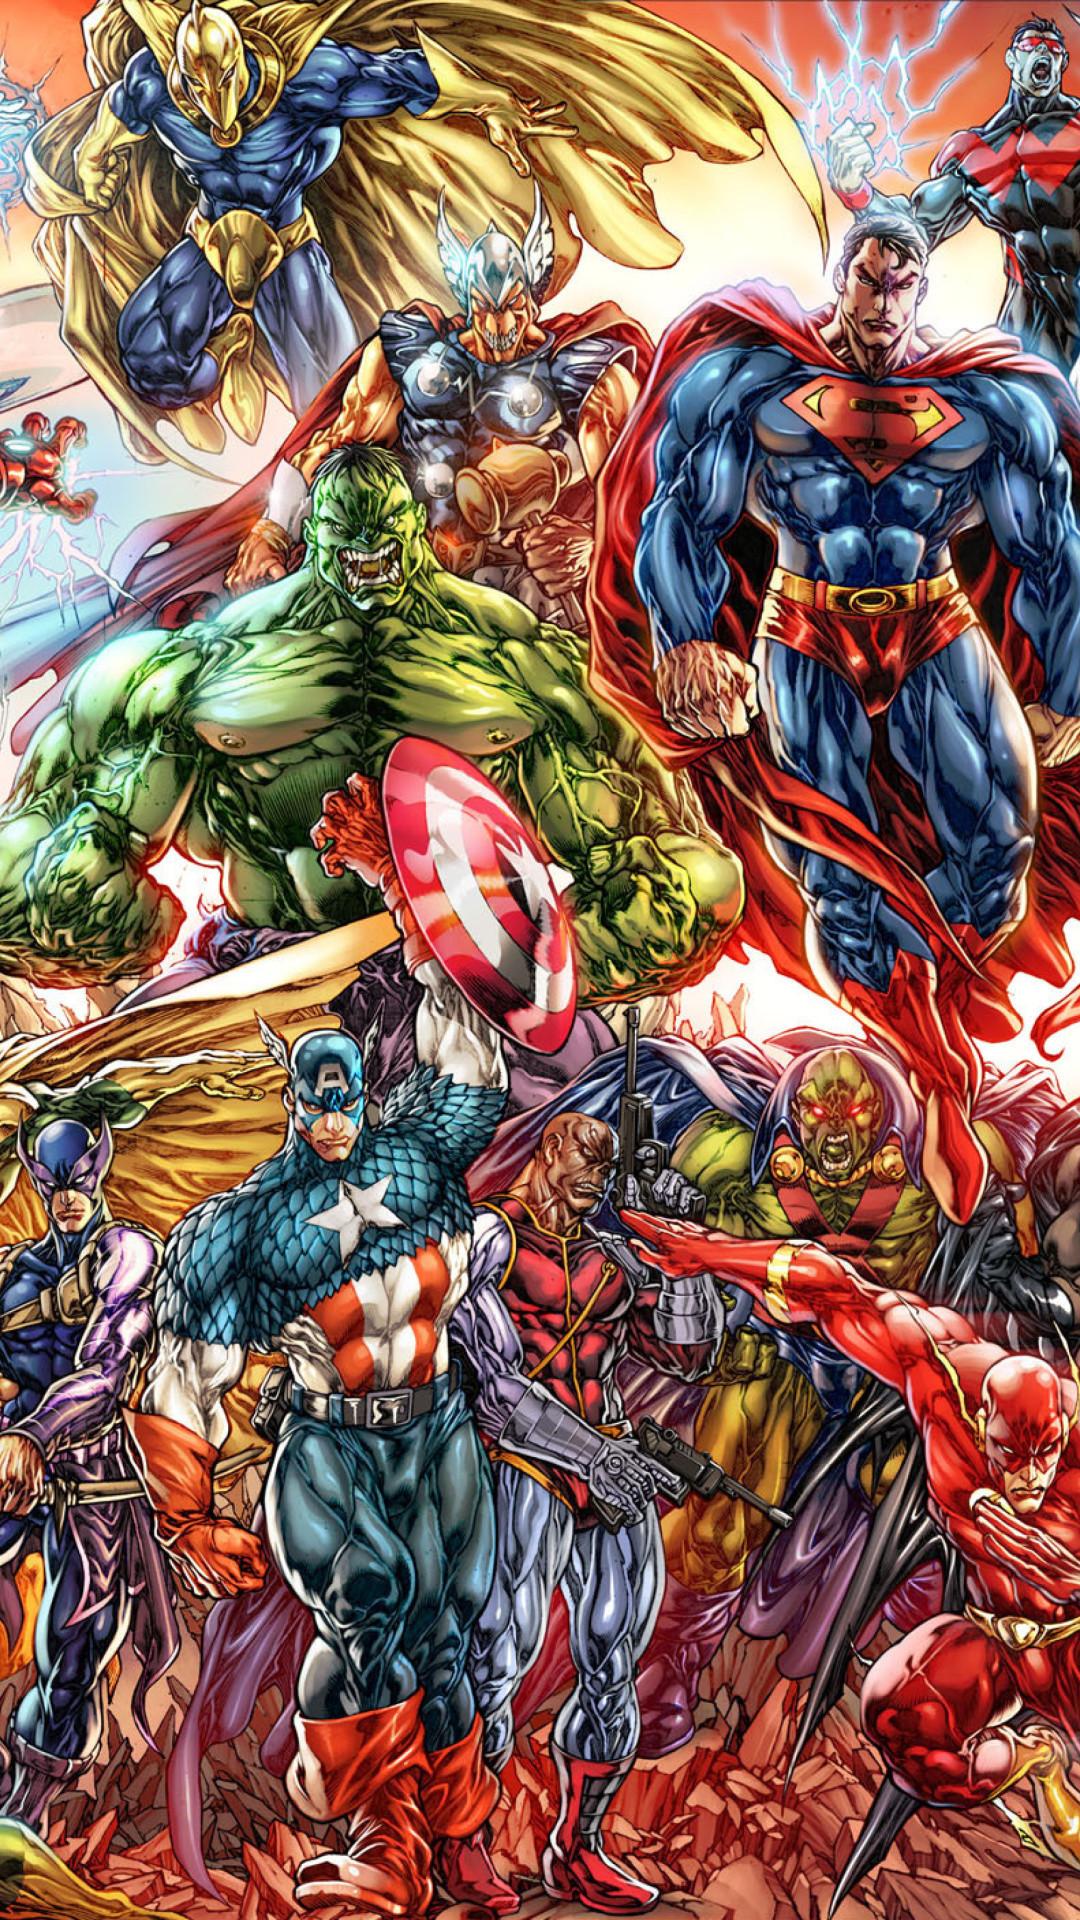 Marvel universe wallpaper wallpapertag - All marvel heroes wallpaper ...